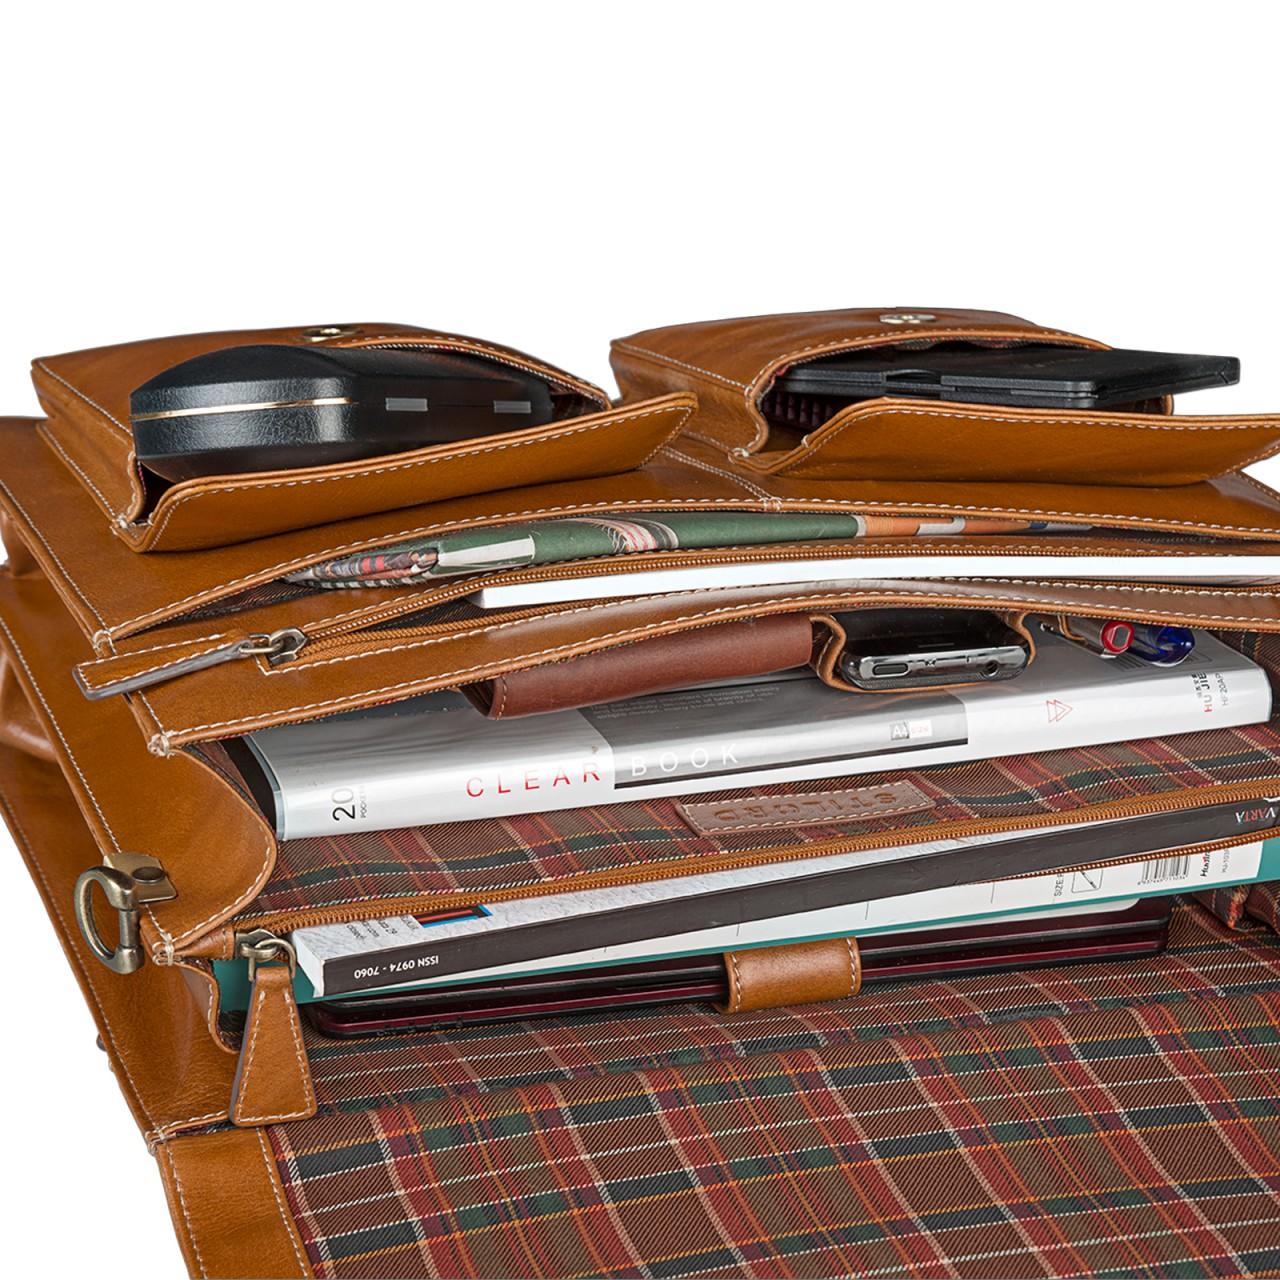 STILORD Businesstasche / Lehrertasche abnehmbarer Schultergurt Umhängetasche Aktentasche 15.6 Zoll Laptop Rinds Leder, cognac braun - Bild 8